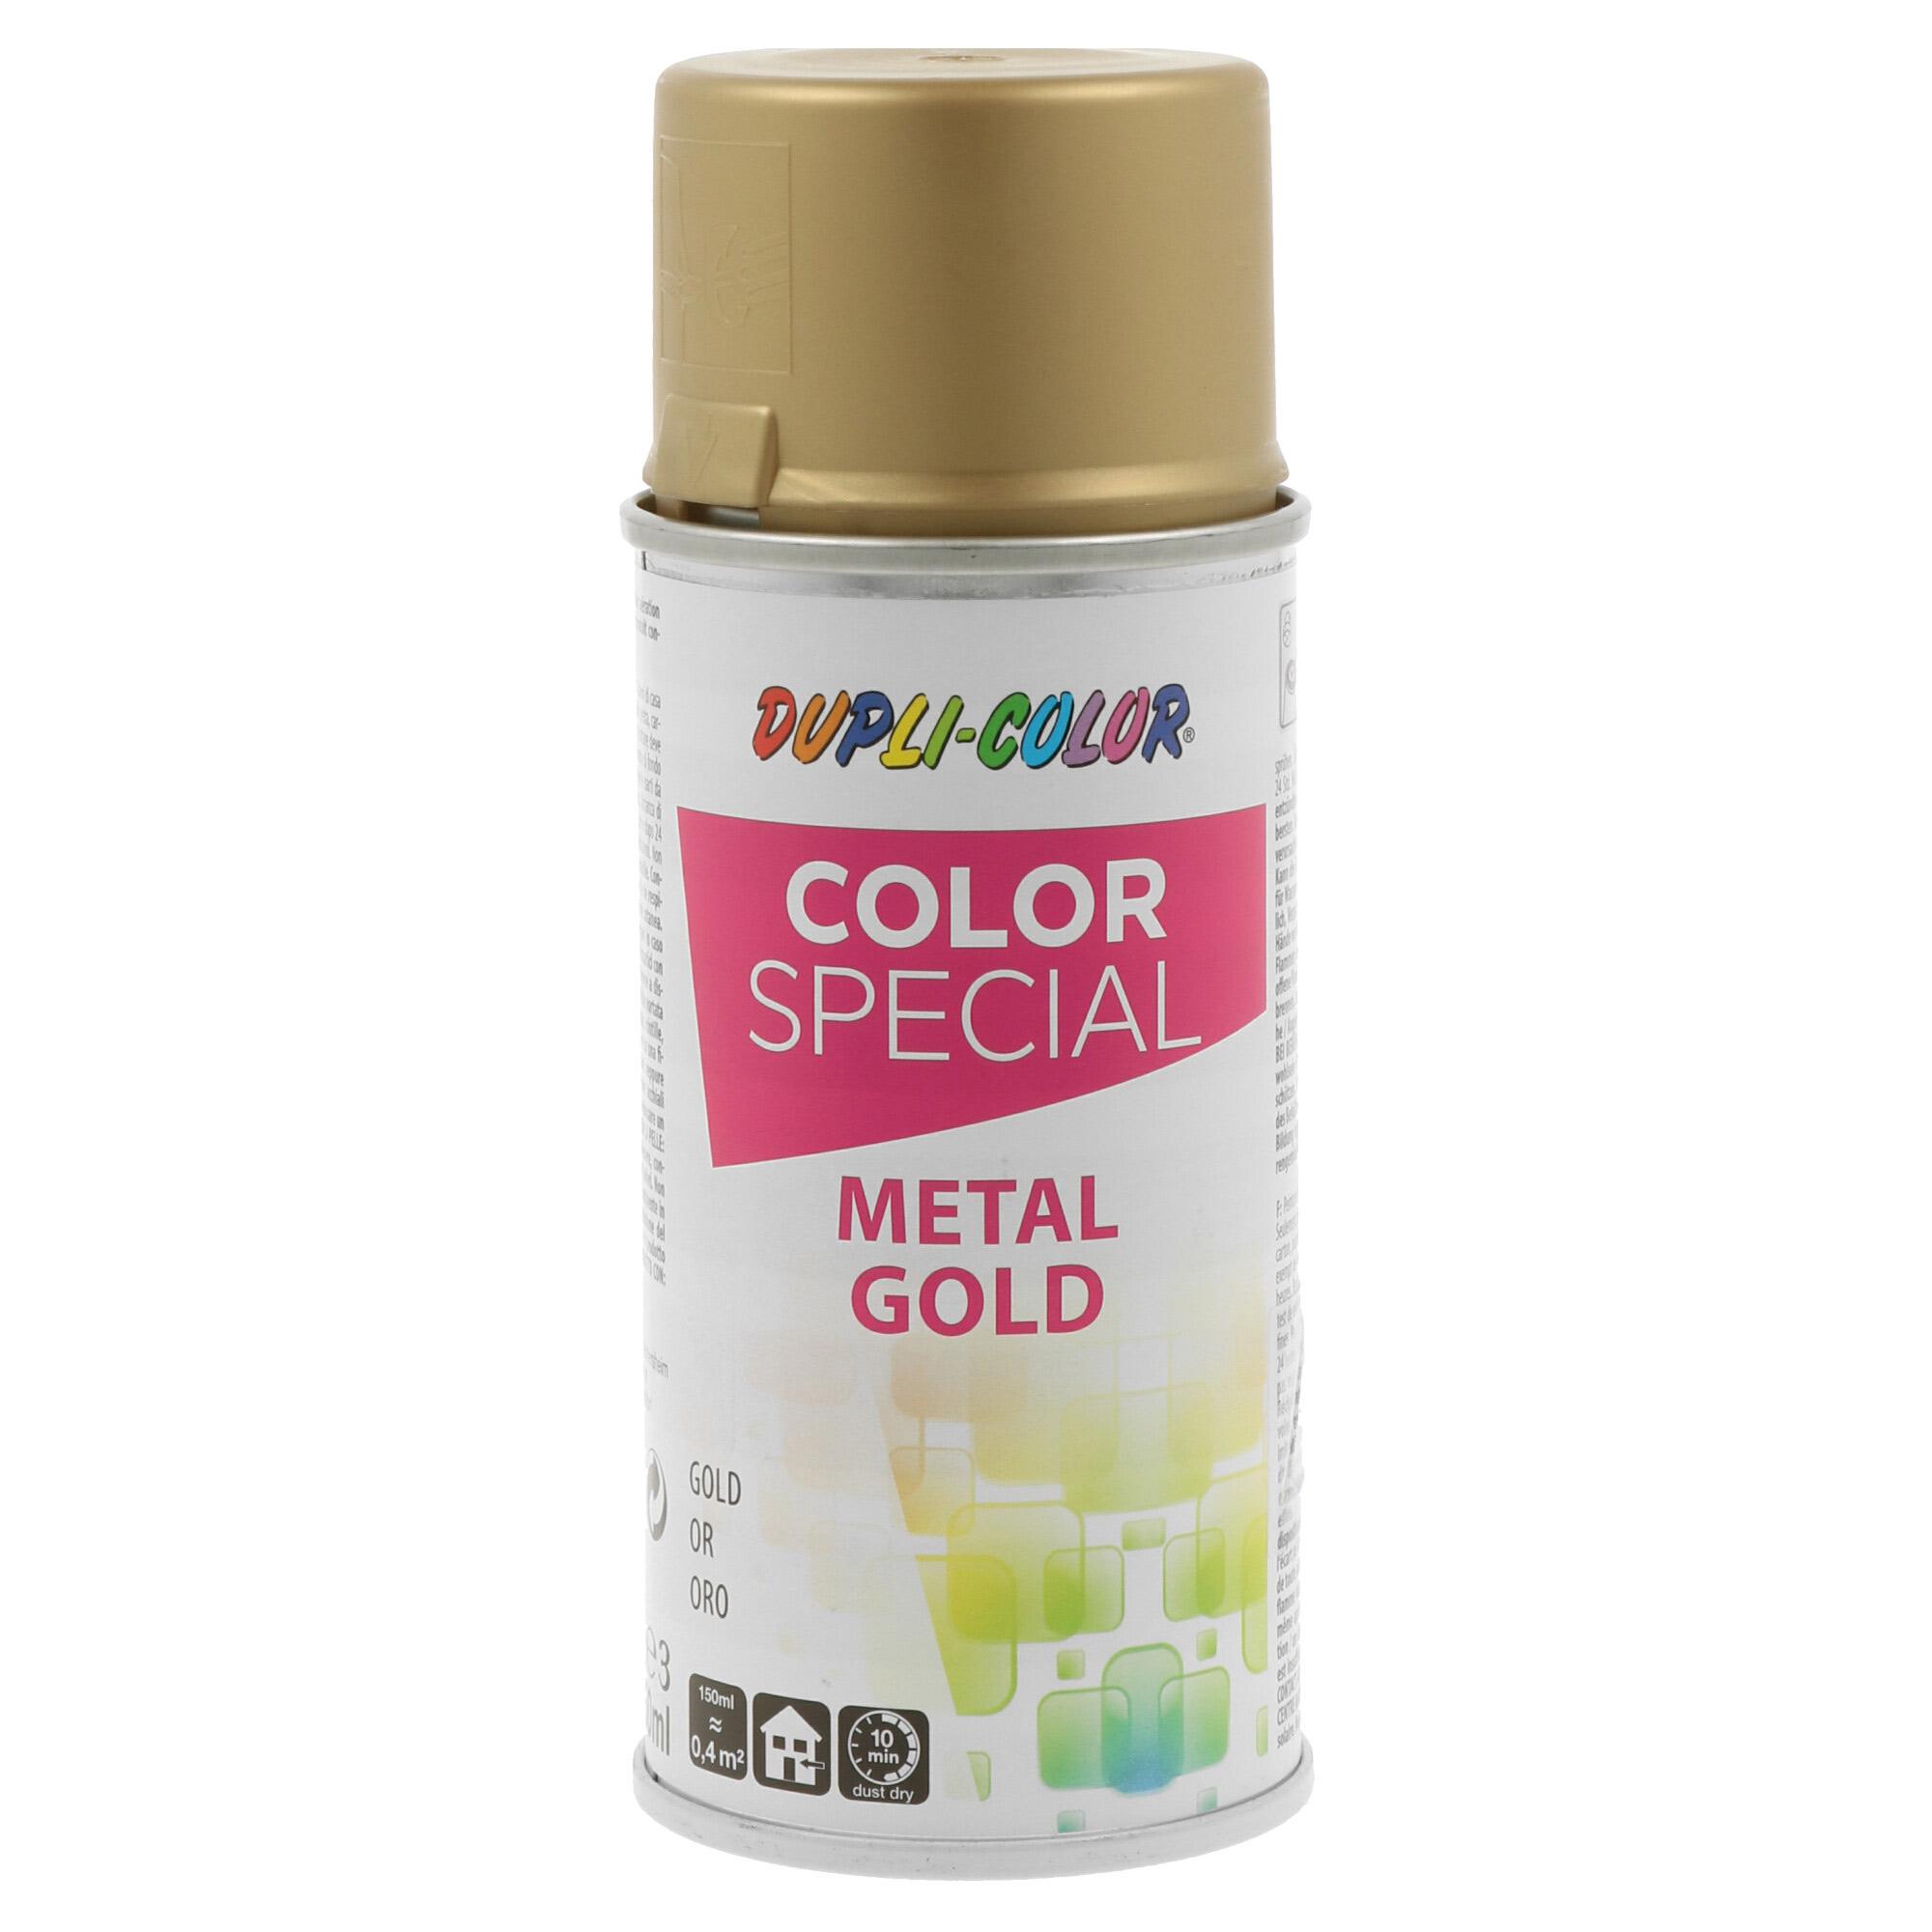 CS BRONZ EFEKT - Dekoračný syntetický sprej 400 ml 585067 - strieborný